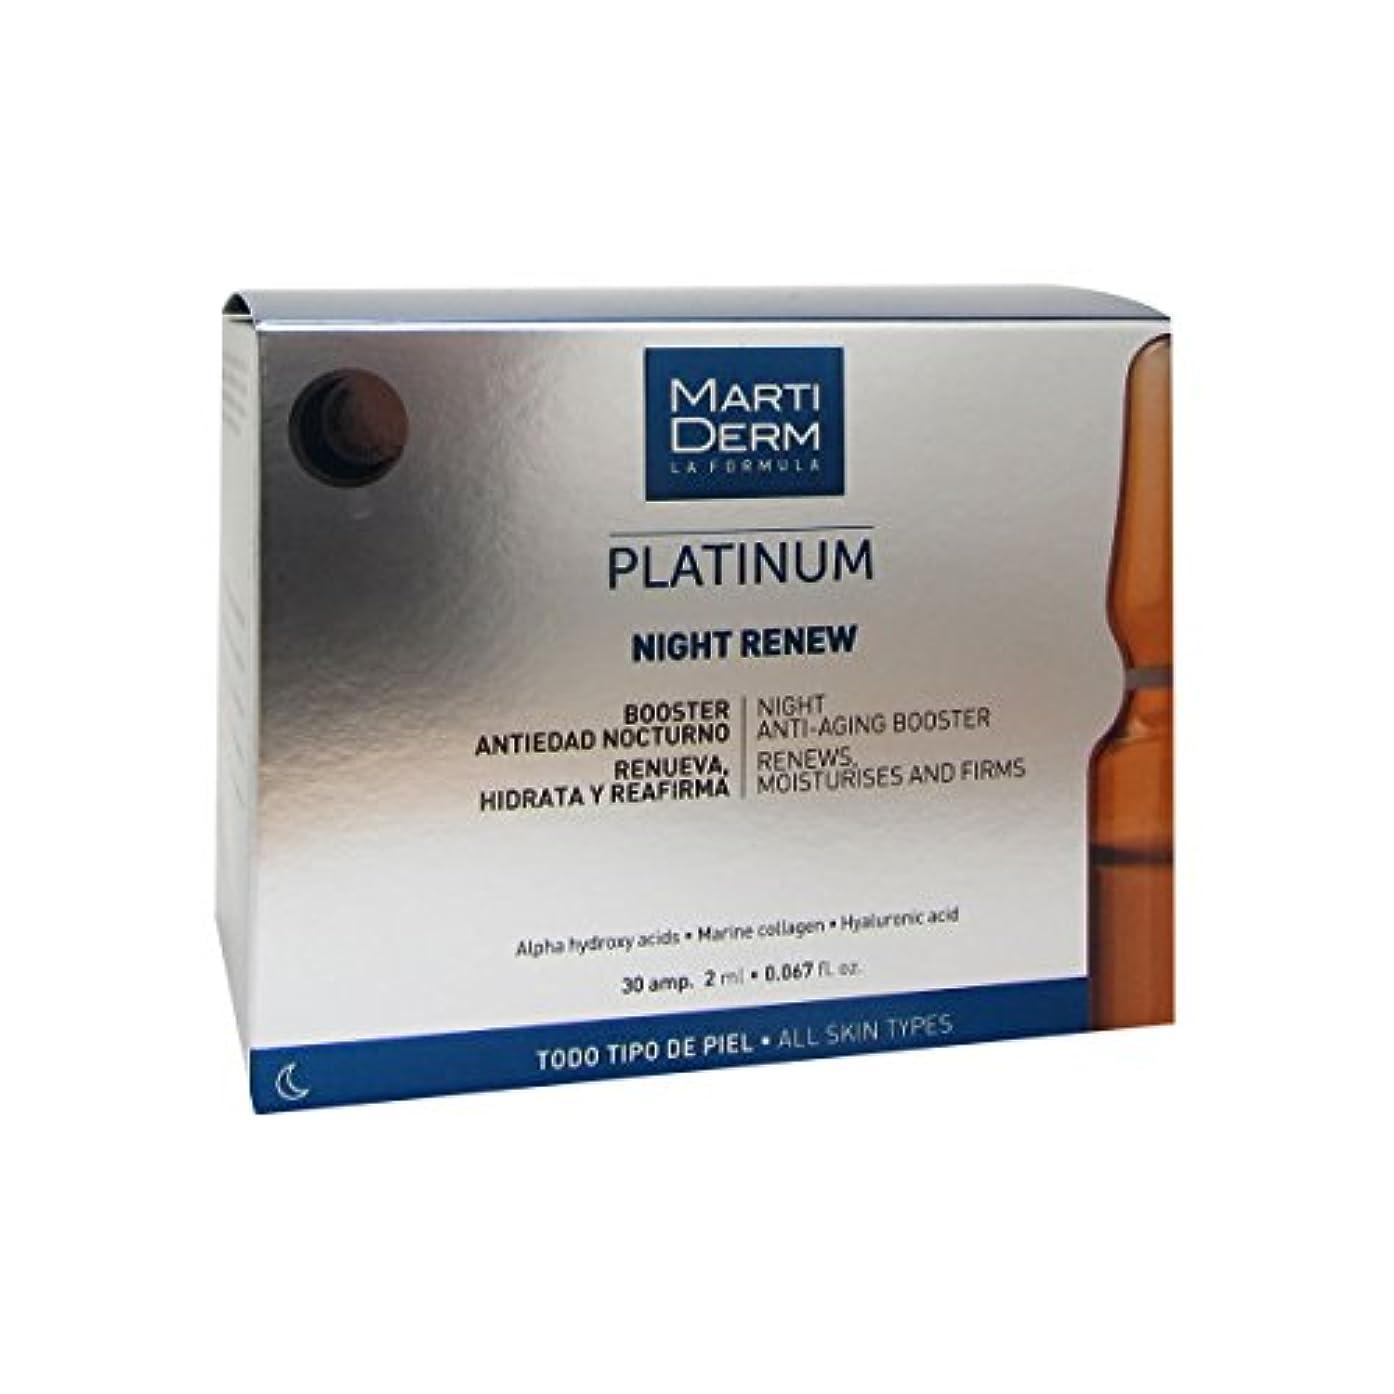 接尾辞飲み込む地味なMartiderm Platinum Night Renew Ampoules 30ampx2ml [並行輸入品]